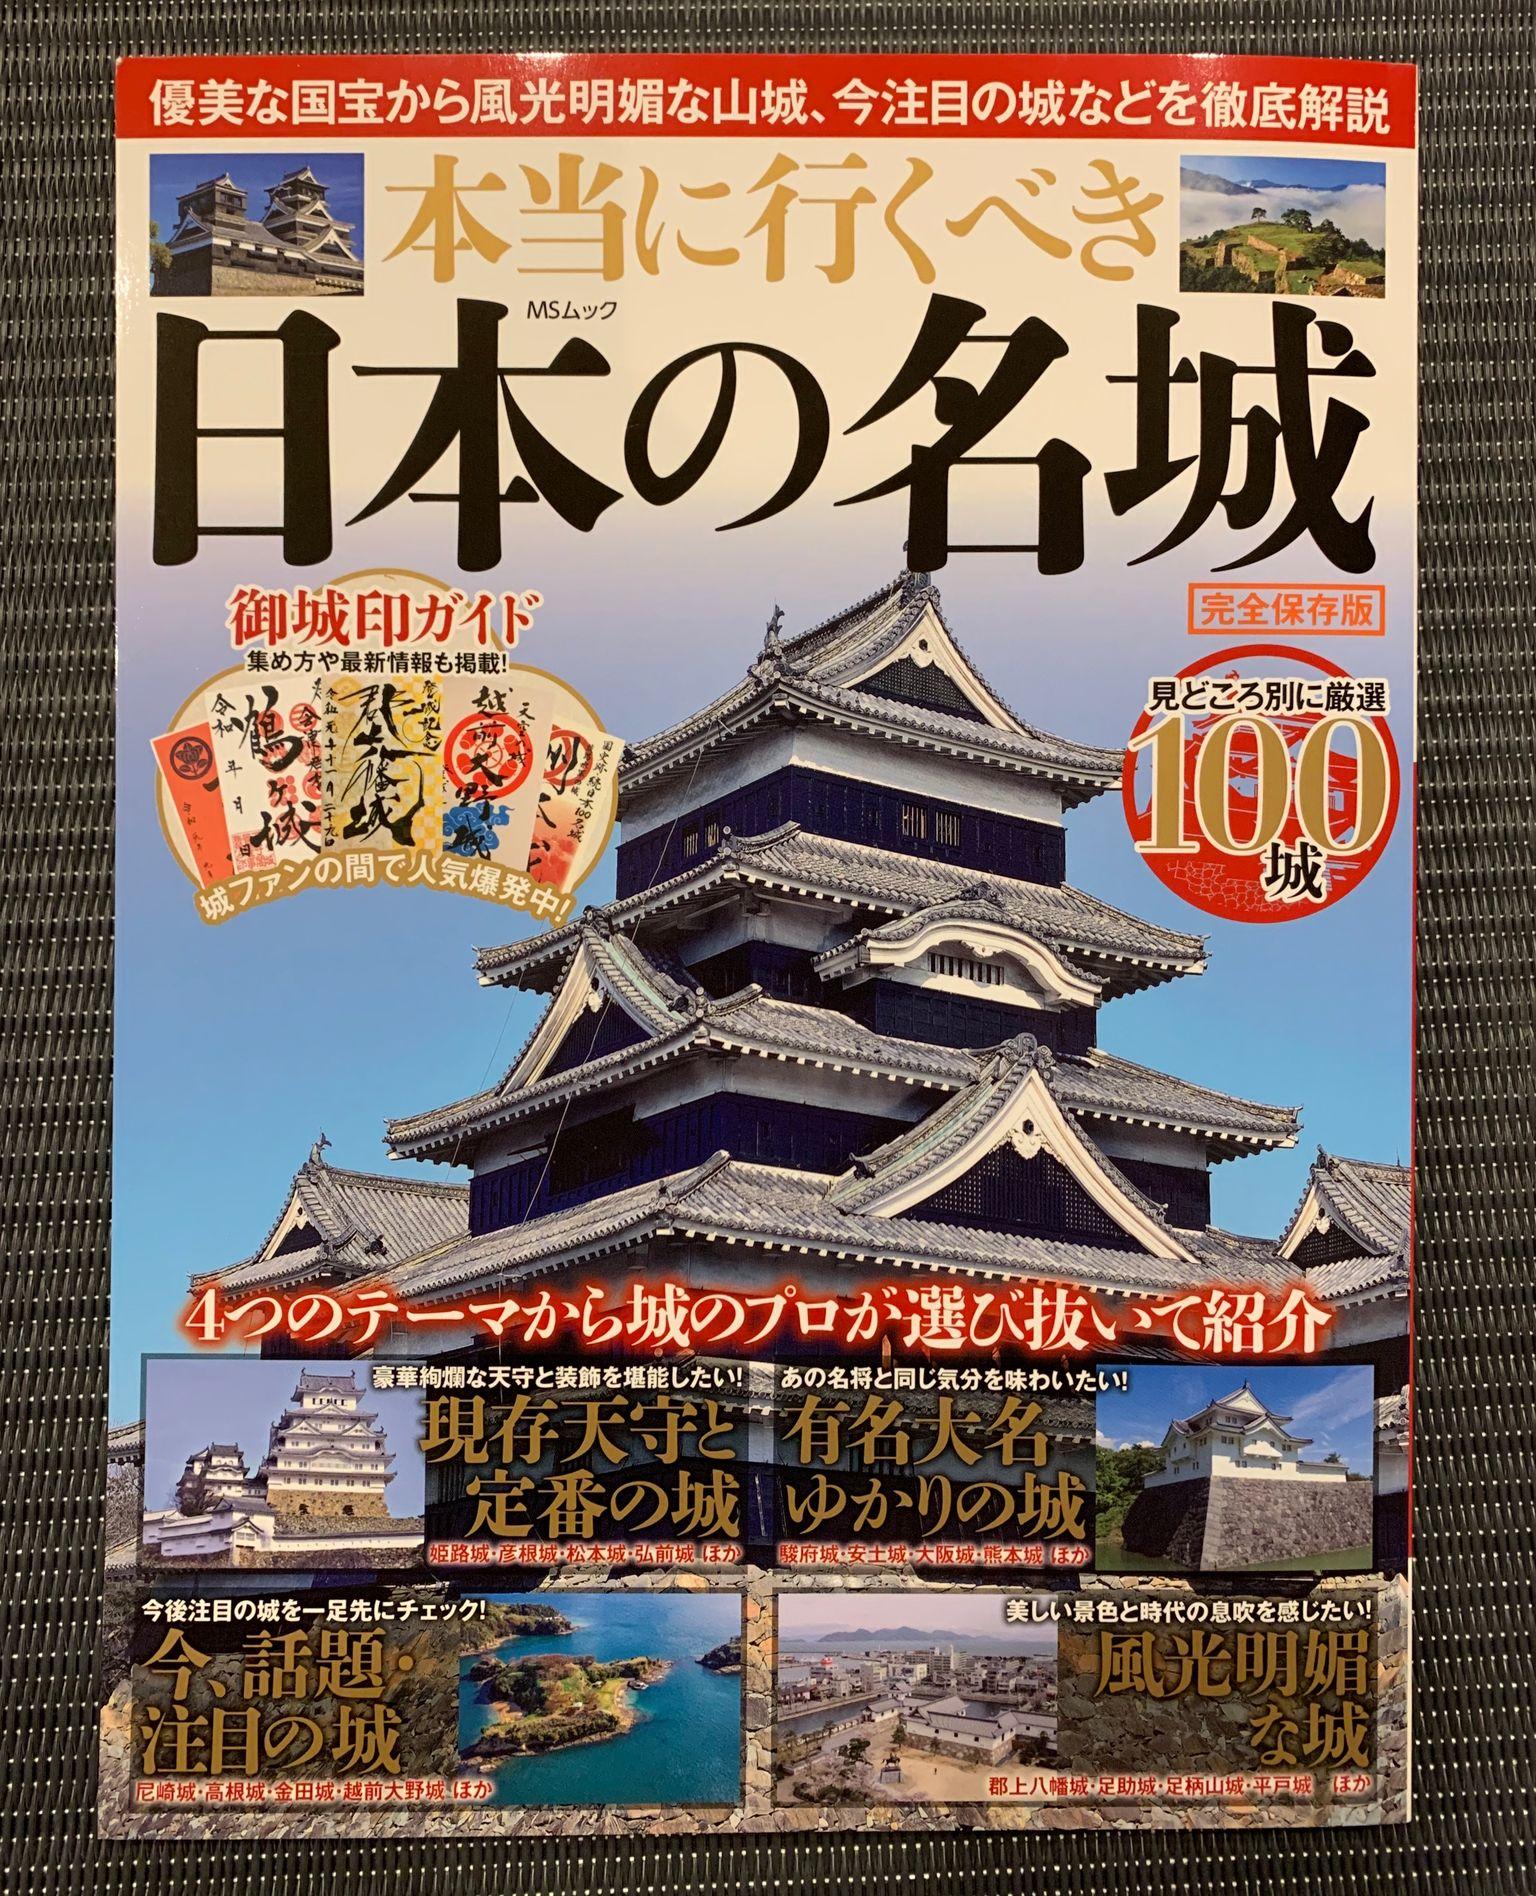 『本当に行くべき日本の名城』発売